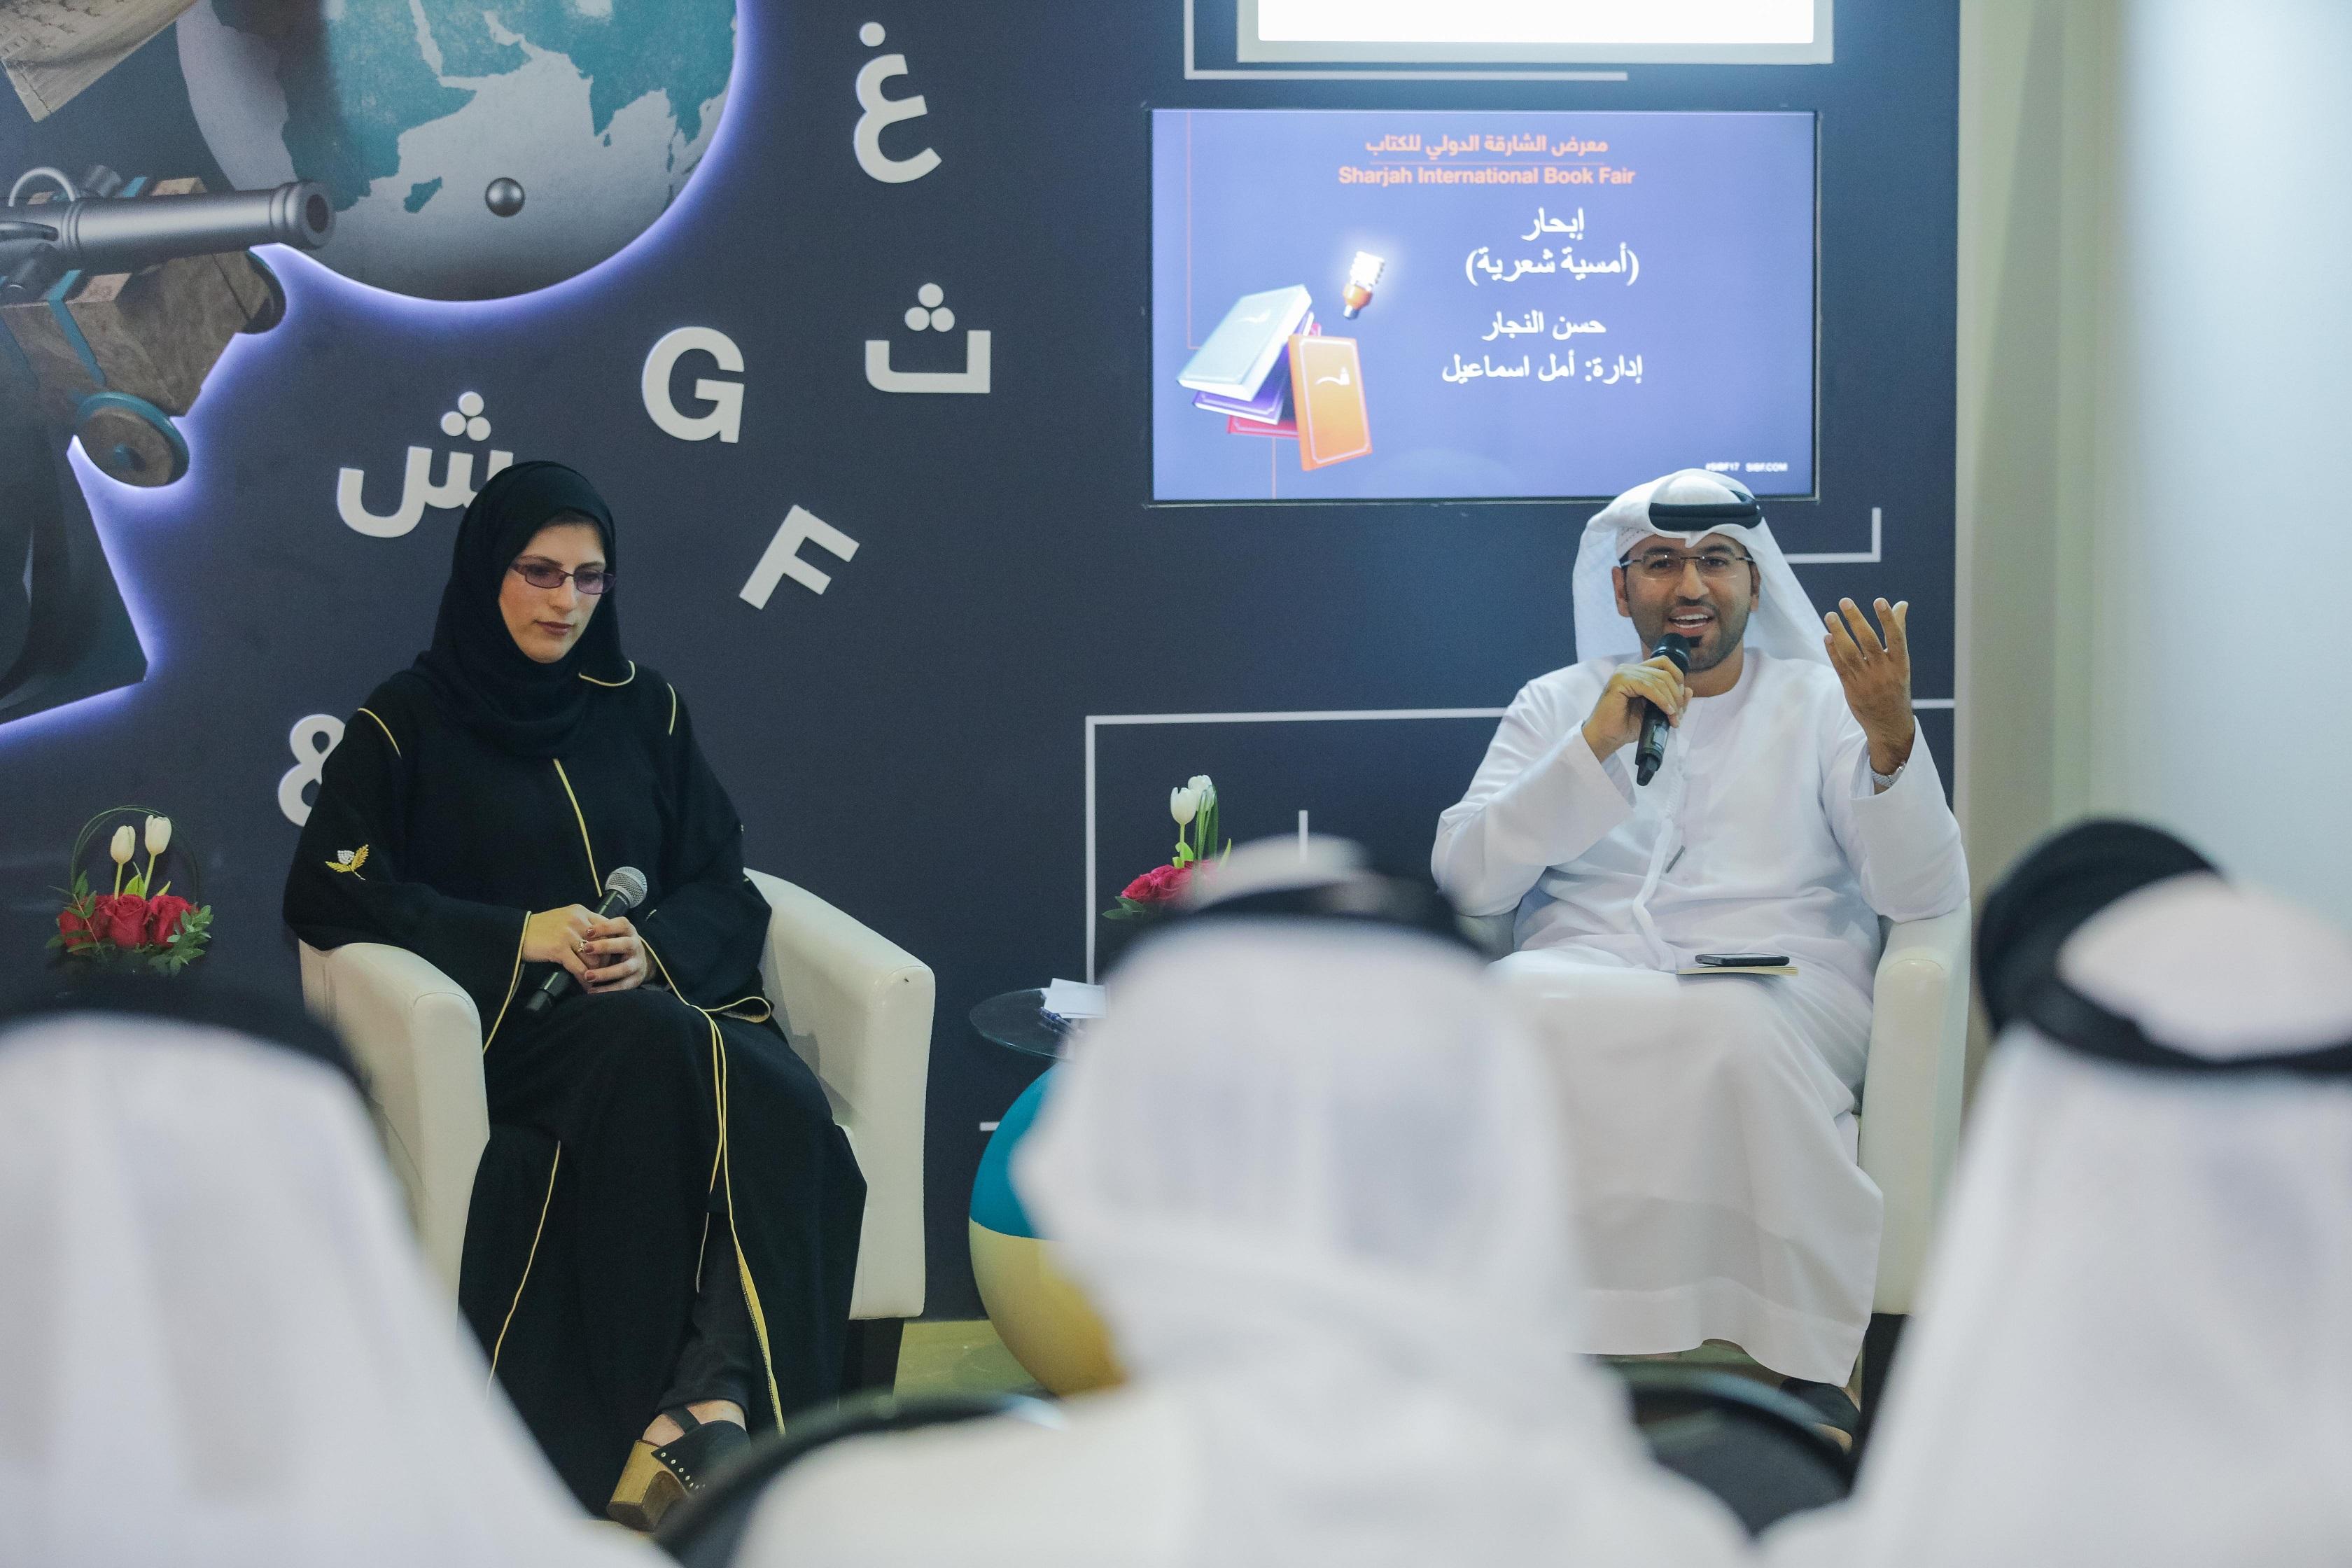 """حسن النجار يبحر بزوار """"الشارقة الدولي للكتاب"""" في قوافي الشعر"""